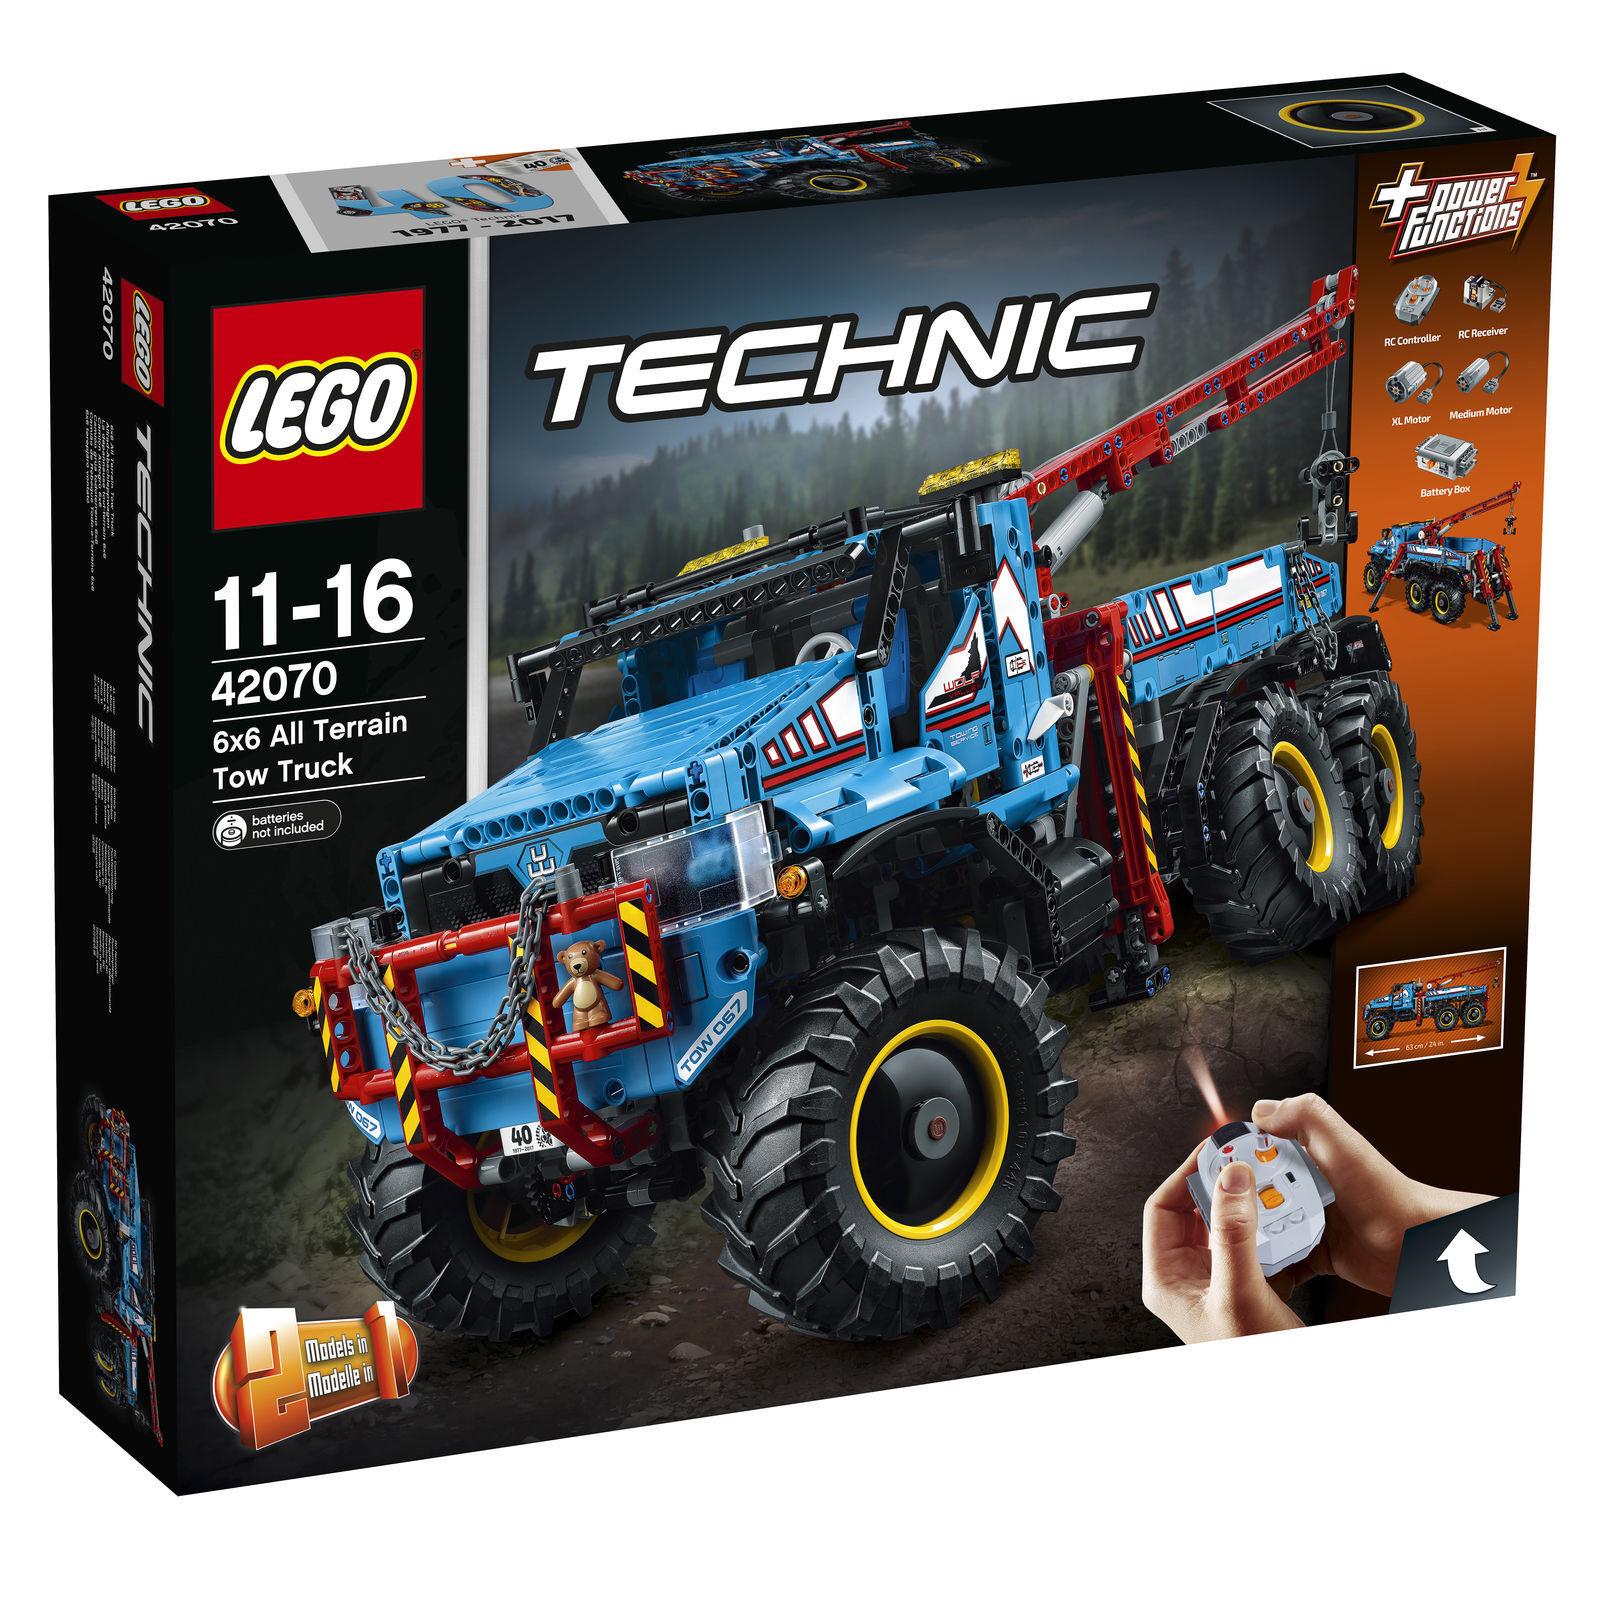 LEGO Technic Allrad-Abschleppwagen_6x6 All Terrain Tow Truck (42070) NEW NEU